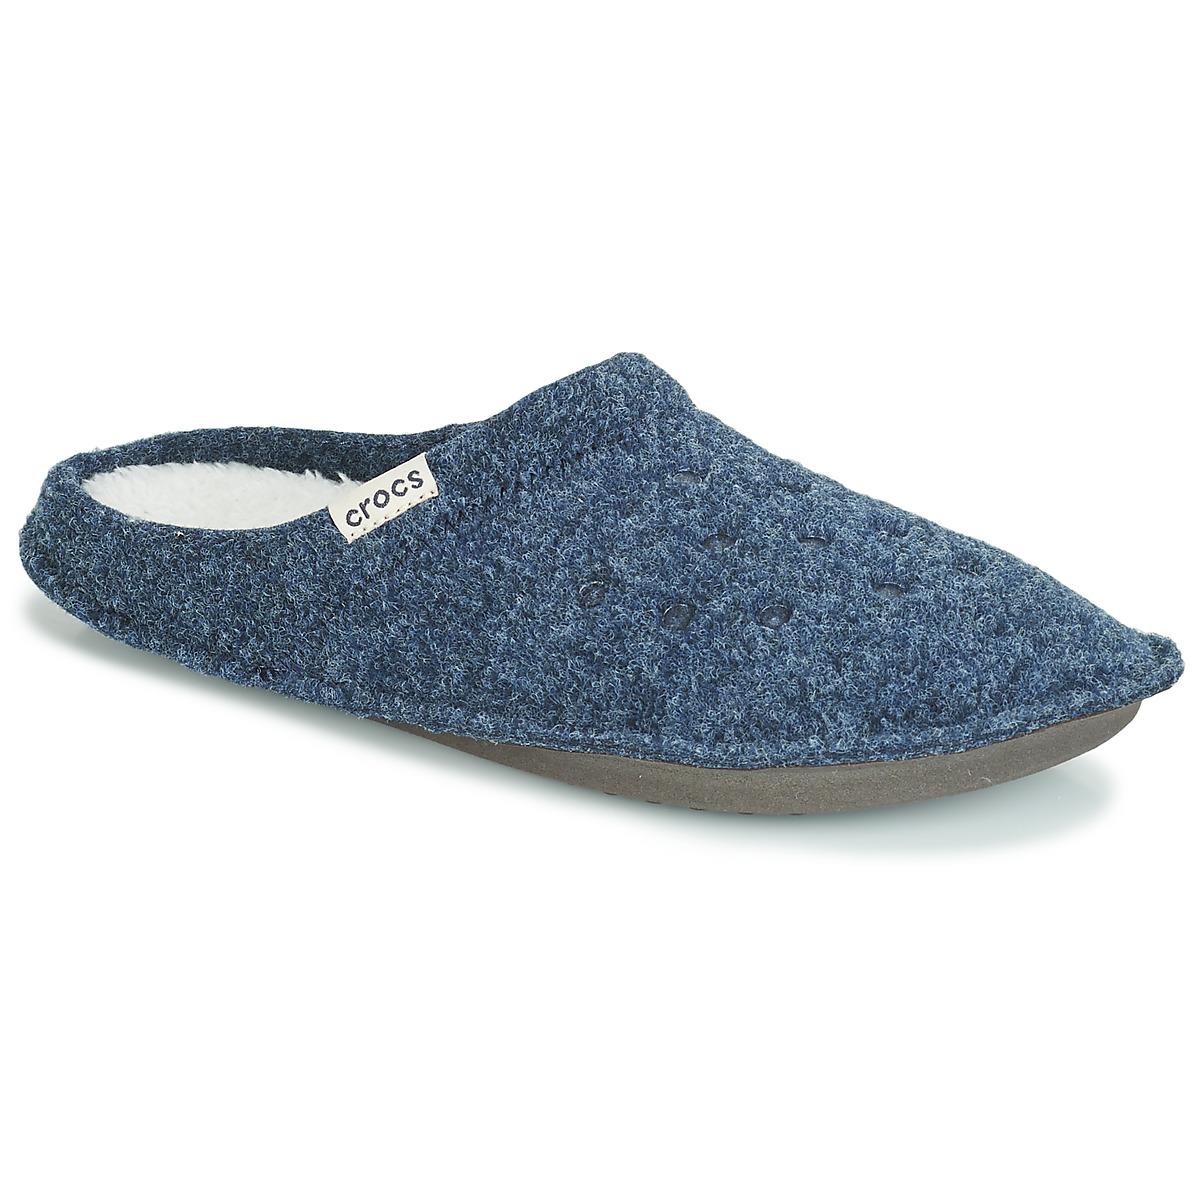 Crocs CLASSIC SLIPPER Marine / Rot - Kostenloser Versand bei Spartoode ! - Schuhe Hausschuhe  24,00 €